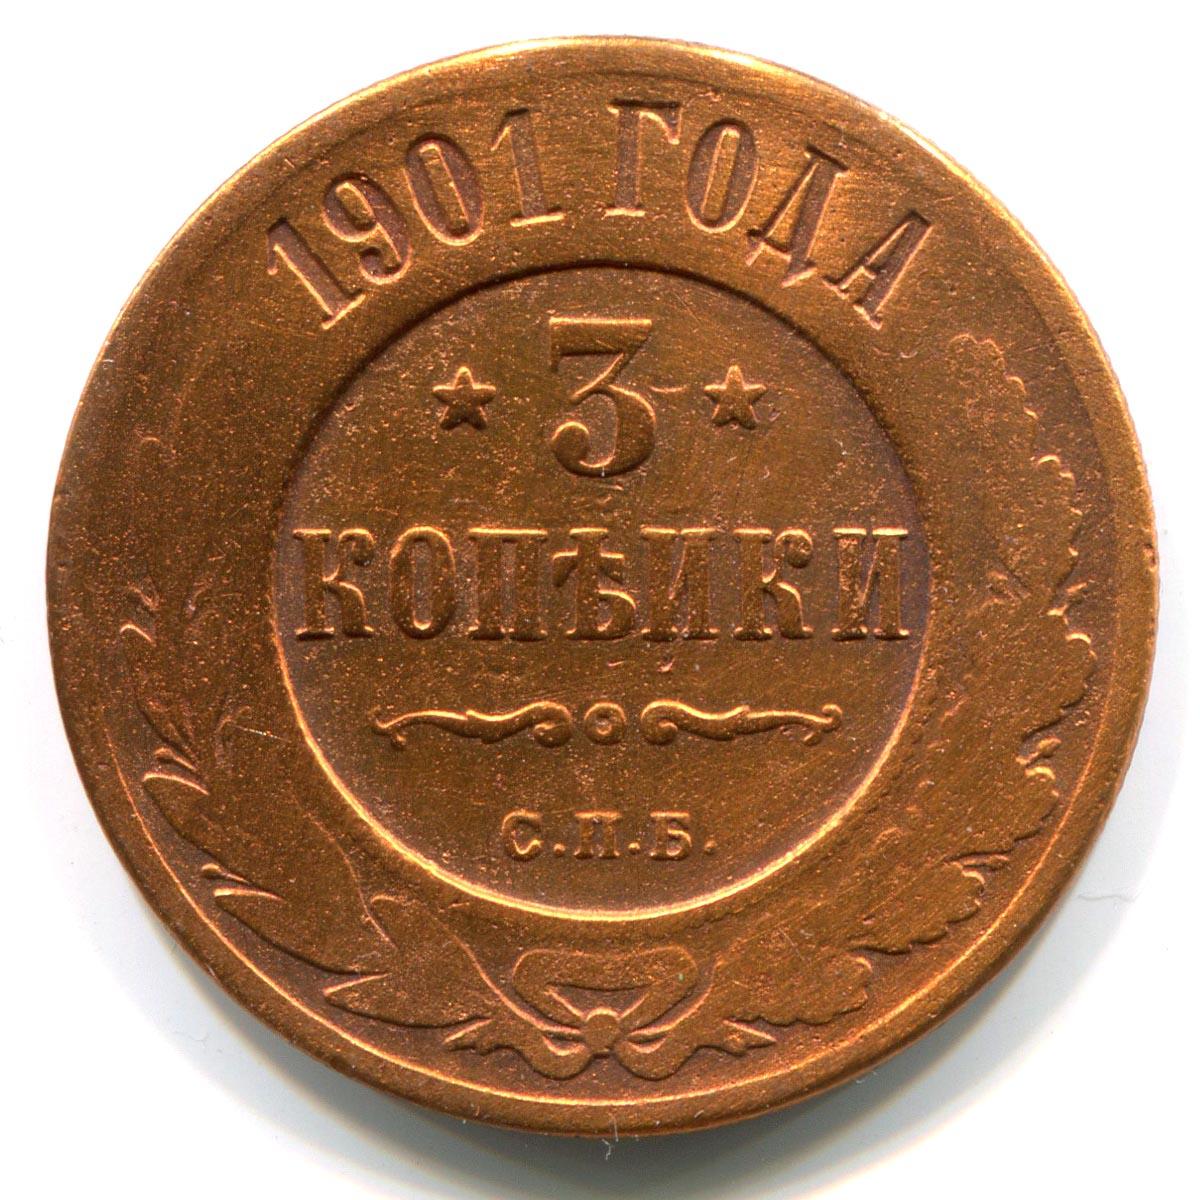 3 копейки 1901 года стоимость самые дорогие иконы